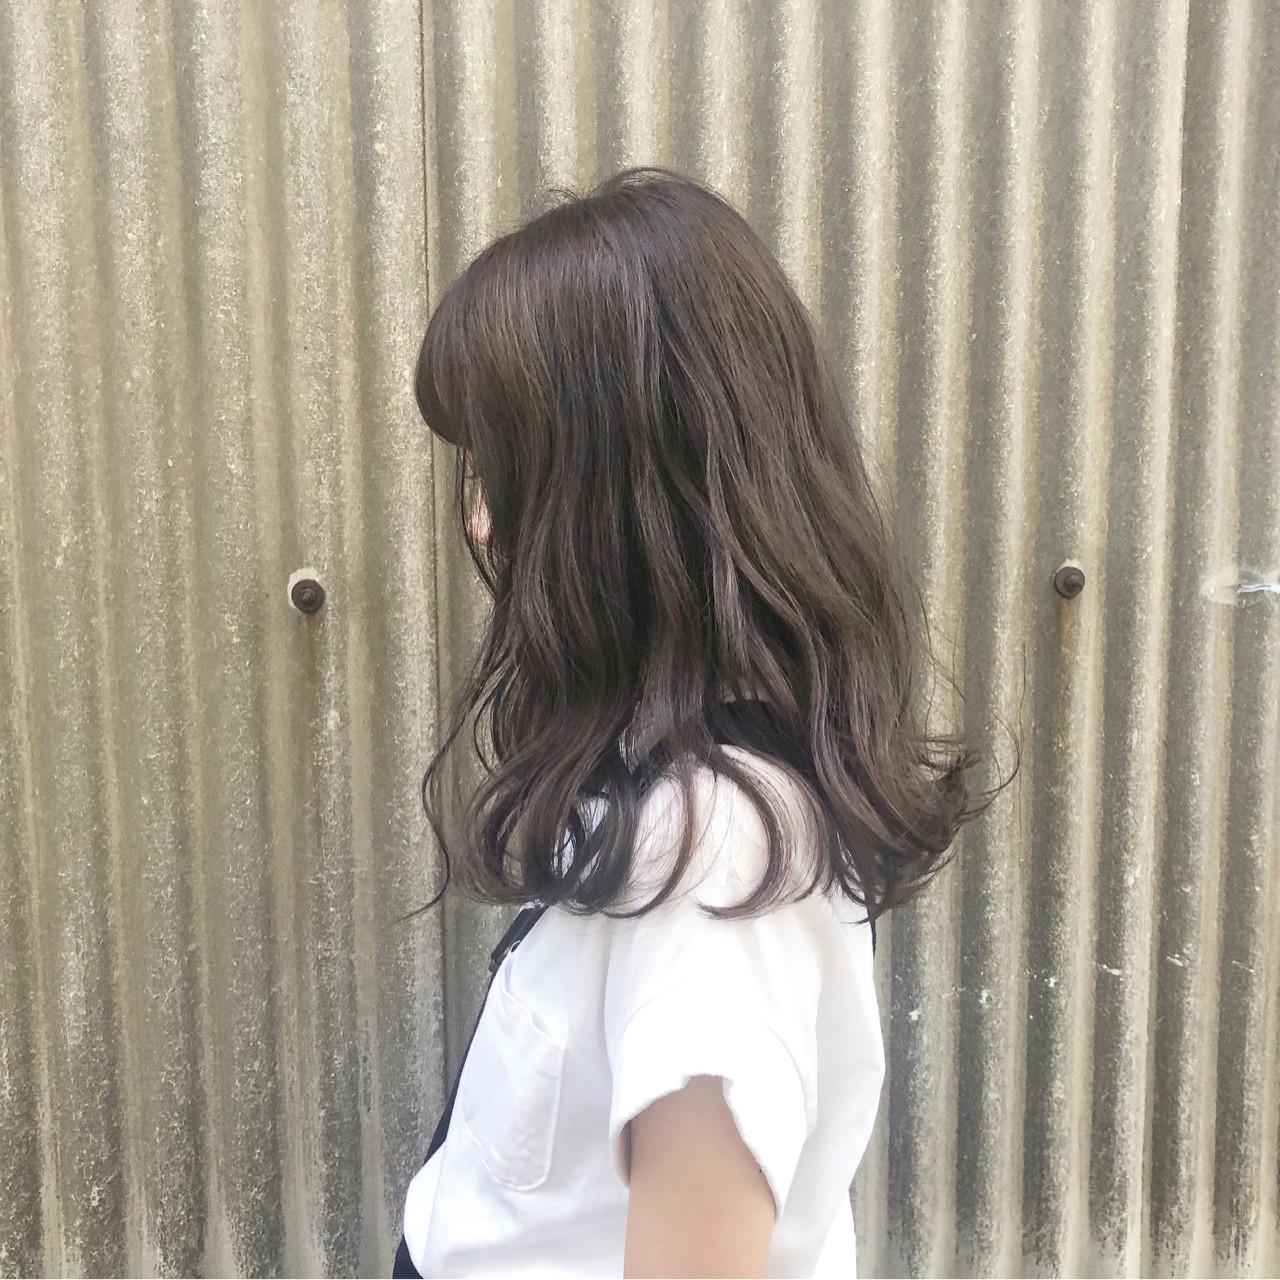 ロング スモーキーカラー 透明感 ラベンダーアッシュヘアスタイルや髪型の写真・画像